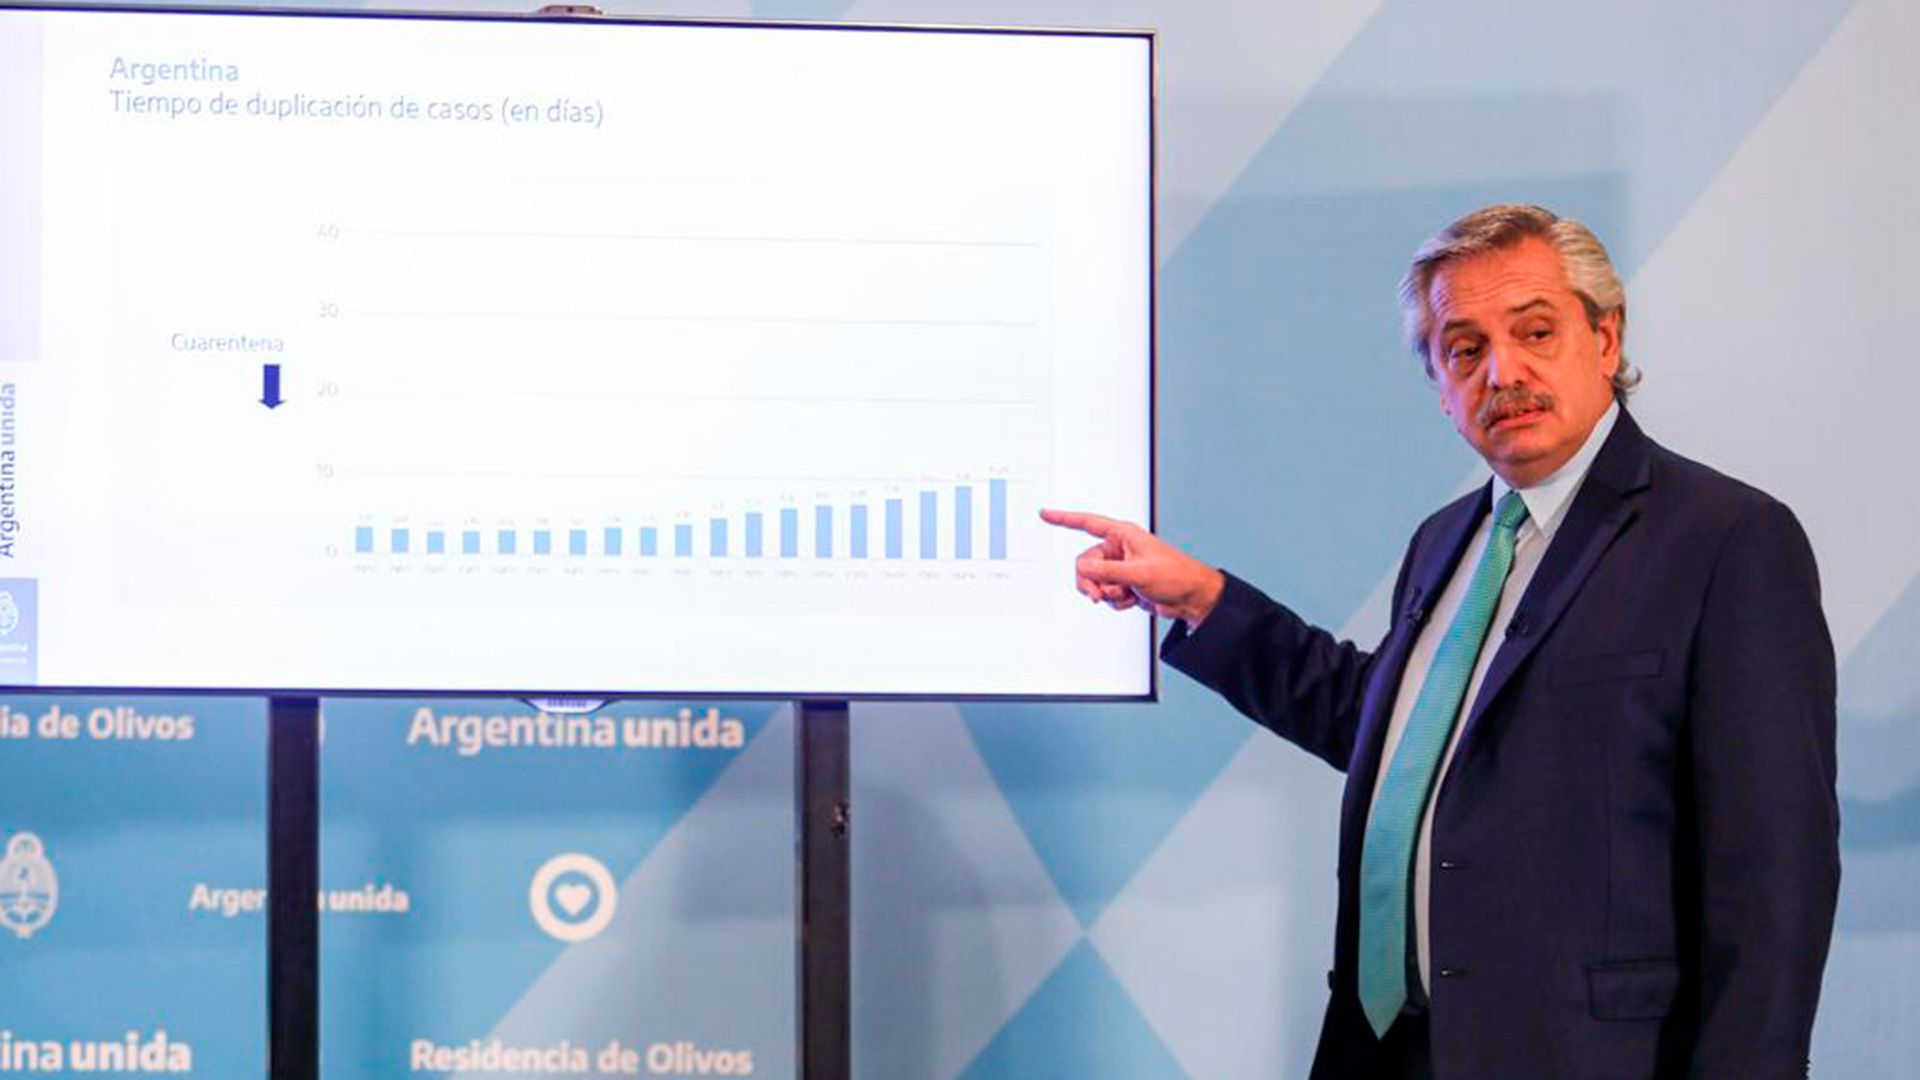 Alberto Fernández en la quinta de Olivos durante una conferencia de prensa convocada para explicar la situación del coronavirus en la Argentina